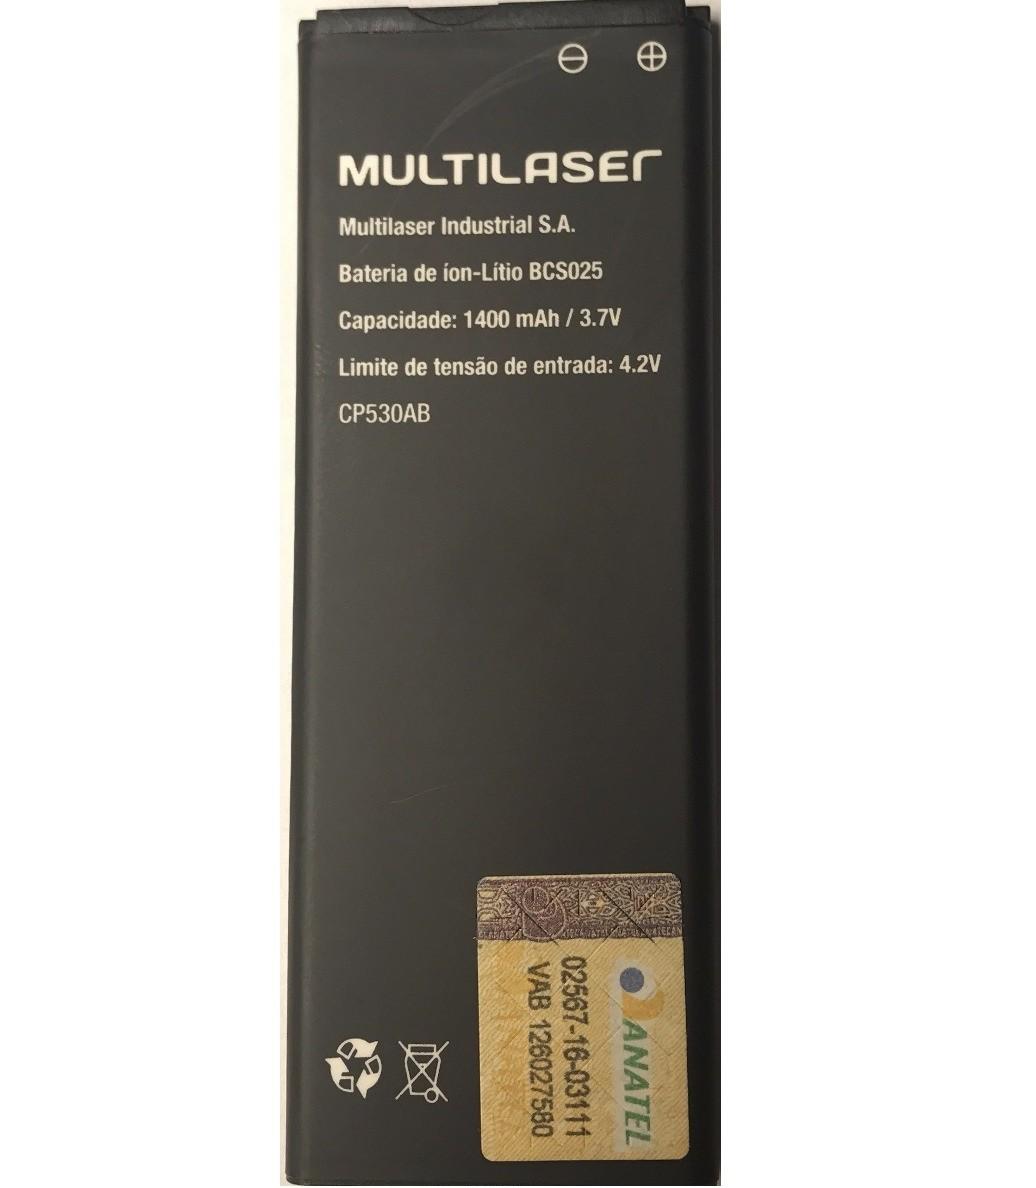 Bateria Multilaser Ms40s 1400mah Bcs025 PR057 Original